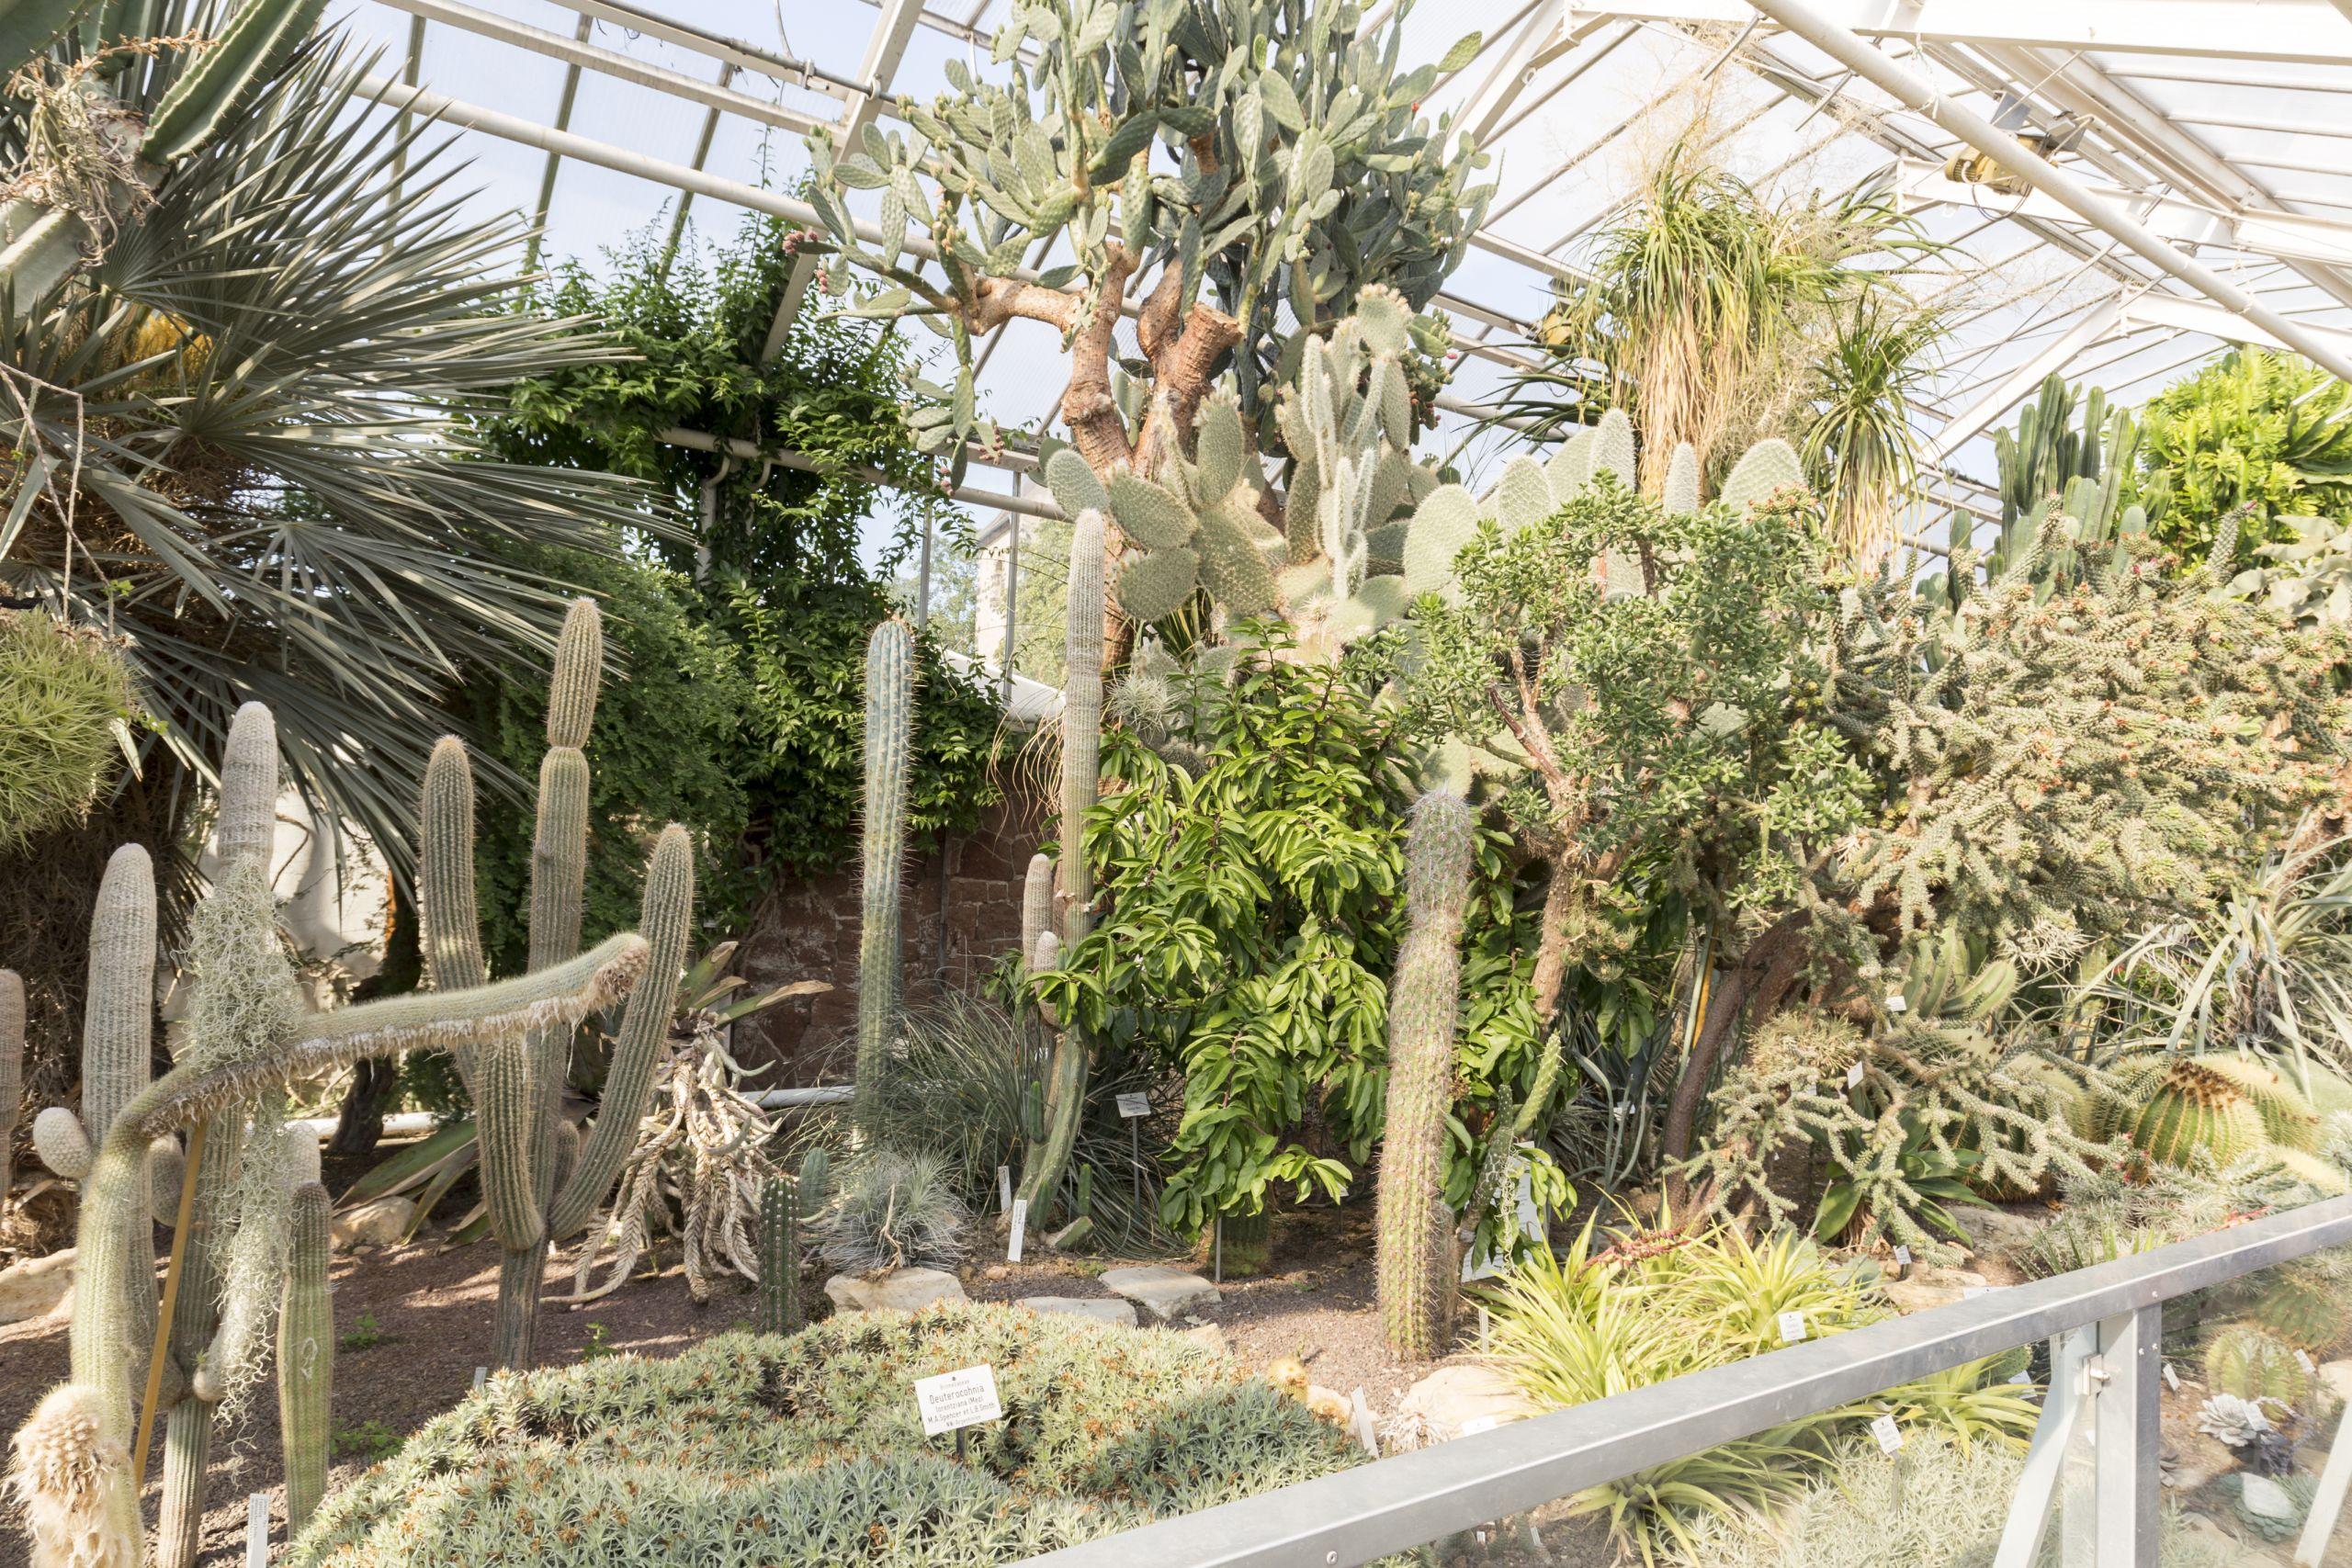 Botanischer Garten Halle Best Of File Botanischer Garten In Halle Saale Im Sukulentenhaus